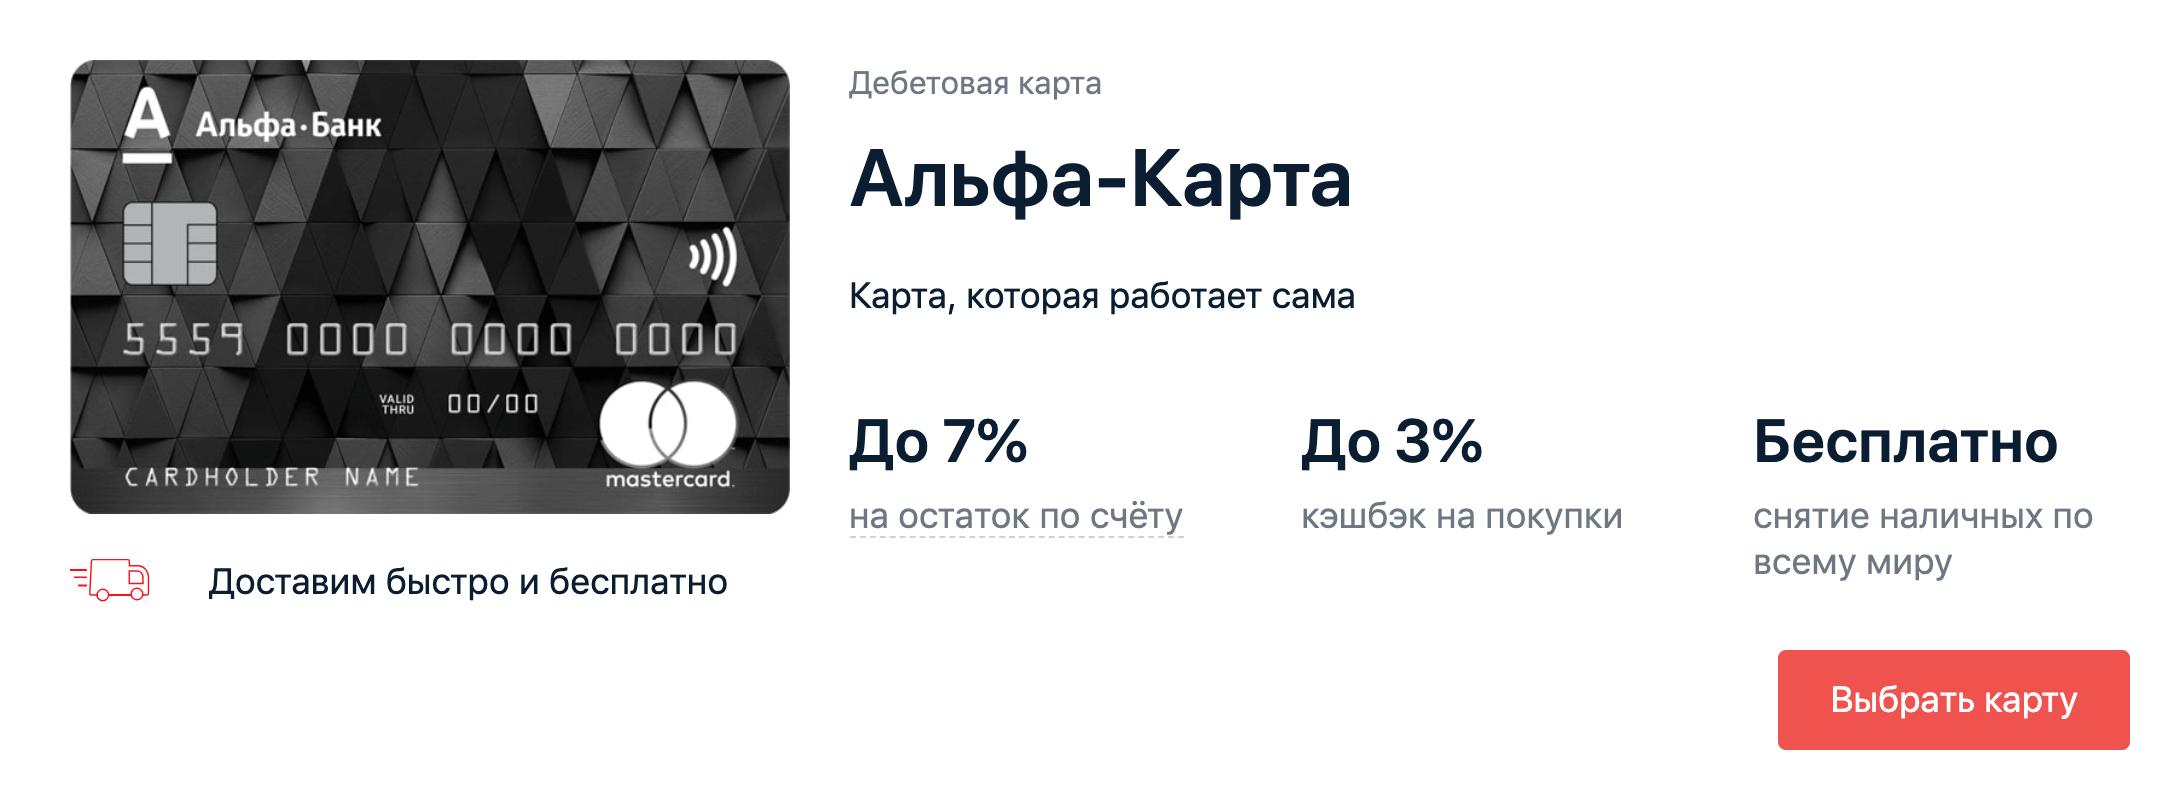 что нужно чтобы получить кредитную карту сбербанка на 50000 тыс рублей